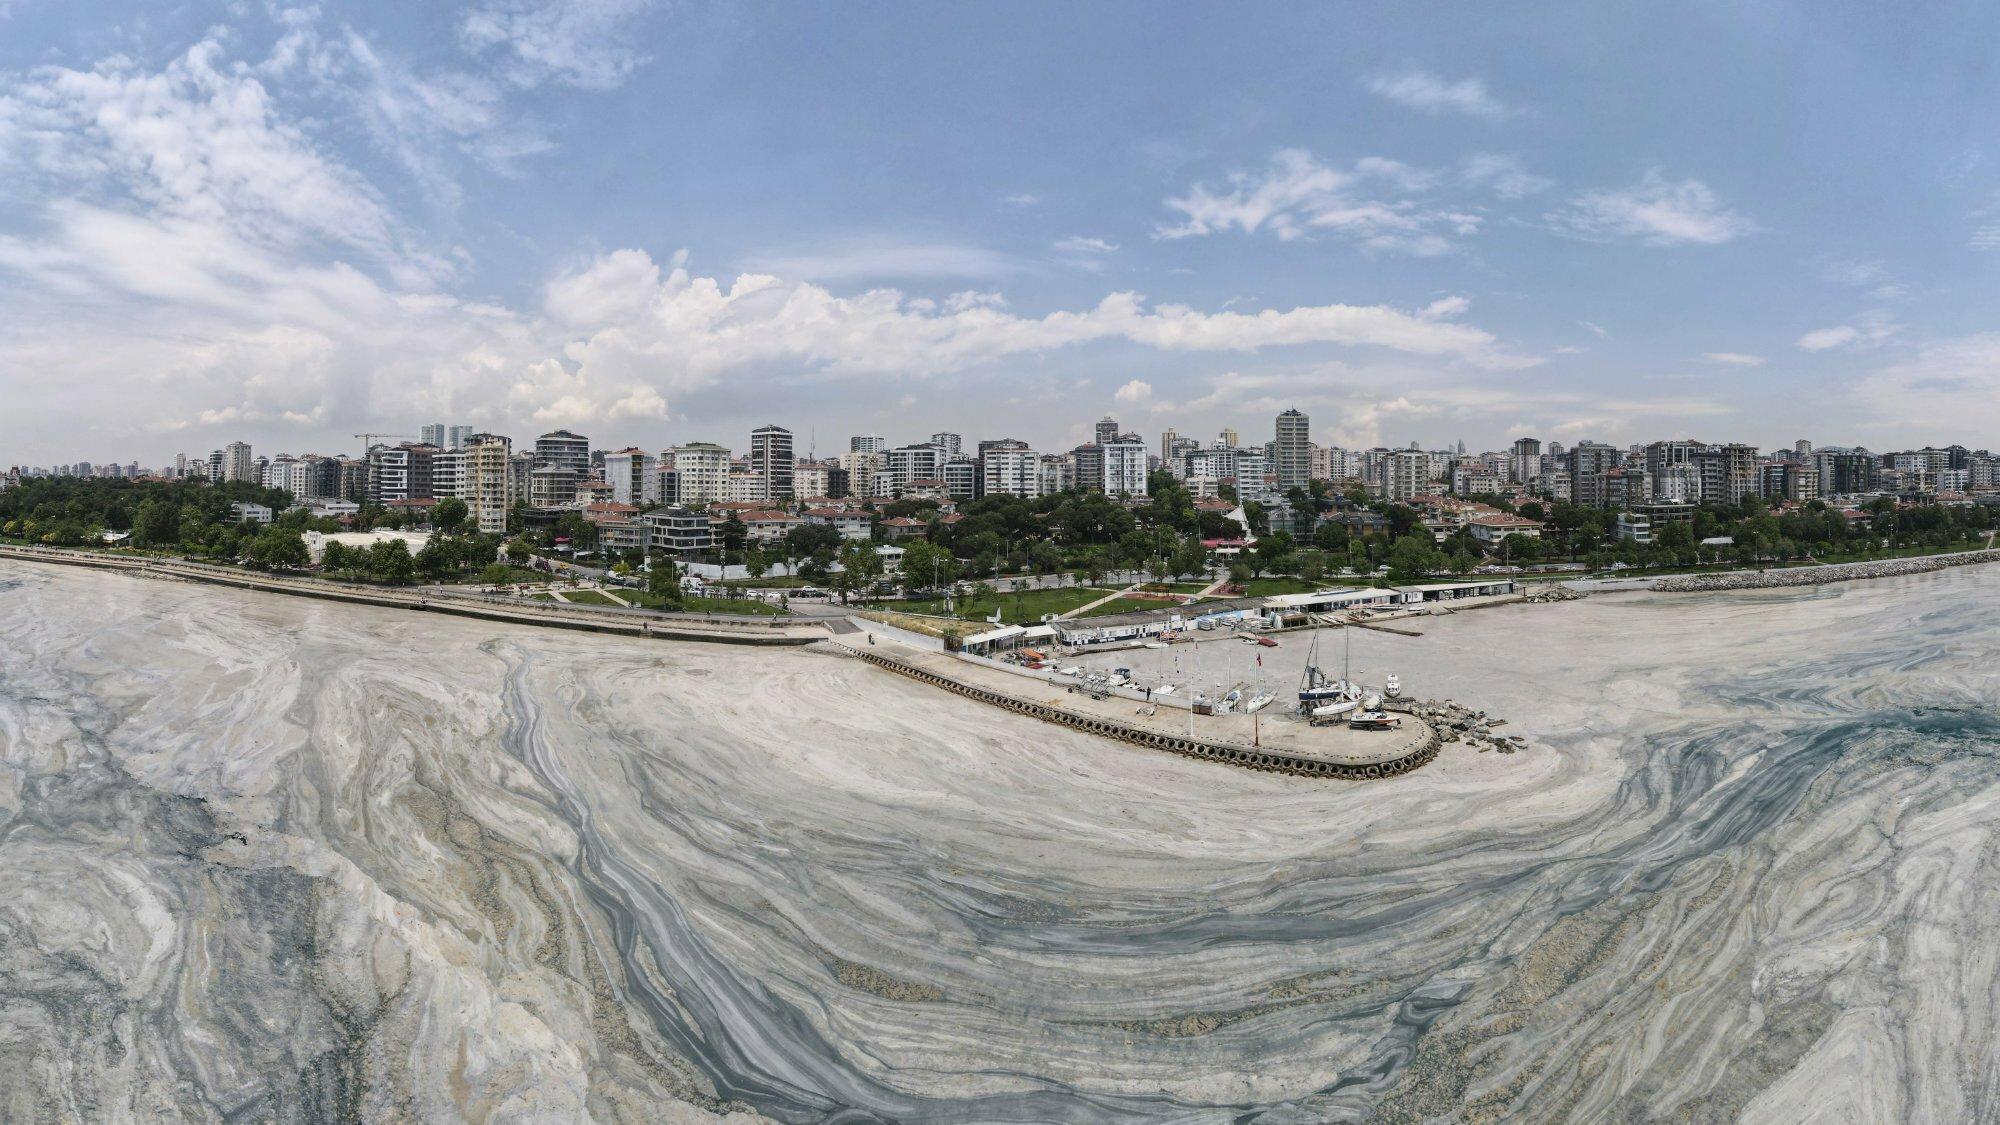 Luftbild der Küste vor dem Istanbuler Stadtteil Caddebostan, aufgenommen am 7. Juni 2021. Das Wasser ist weitflächig bedeckt mit hellen Schlieren aus Schleim.